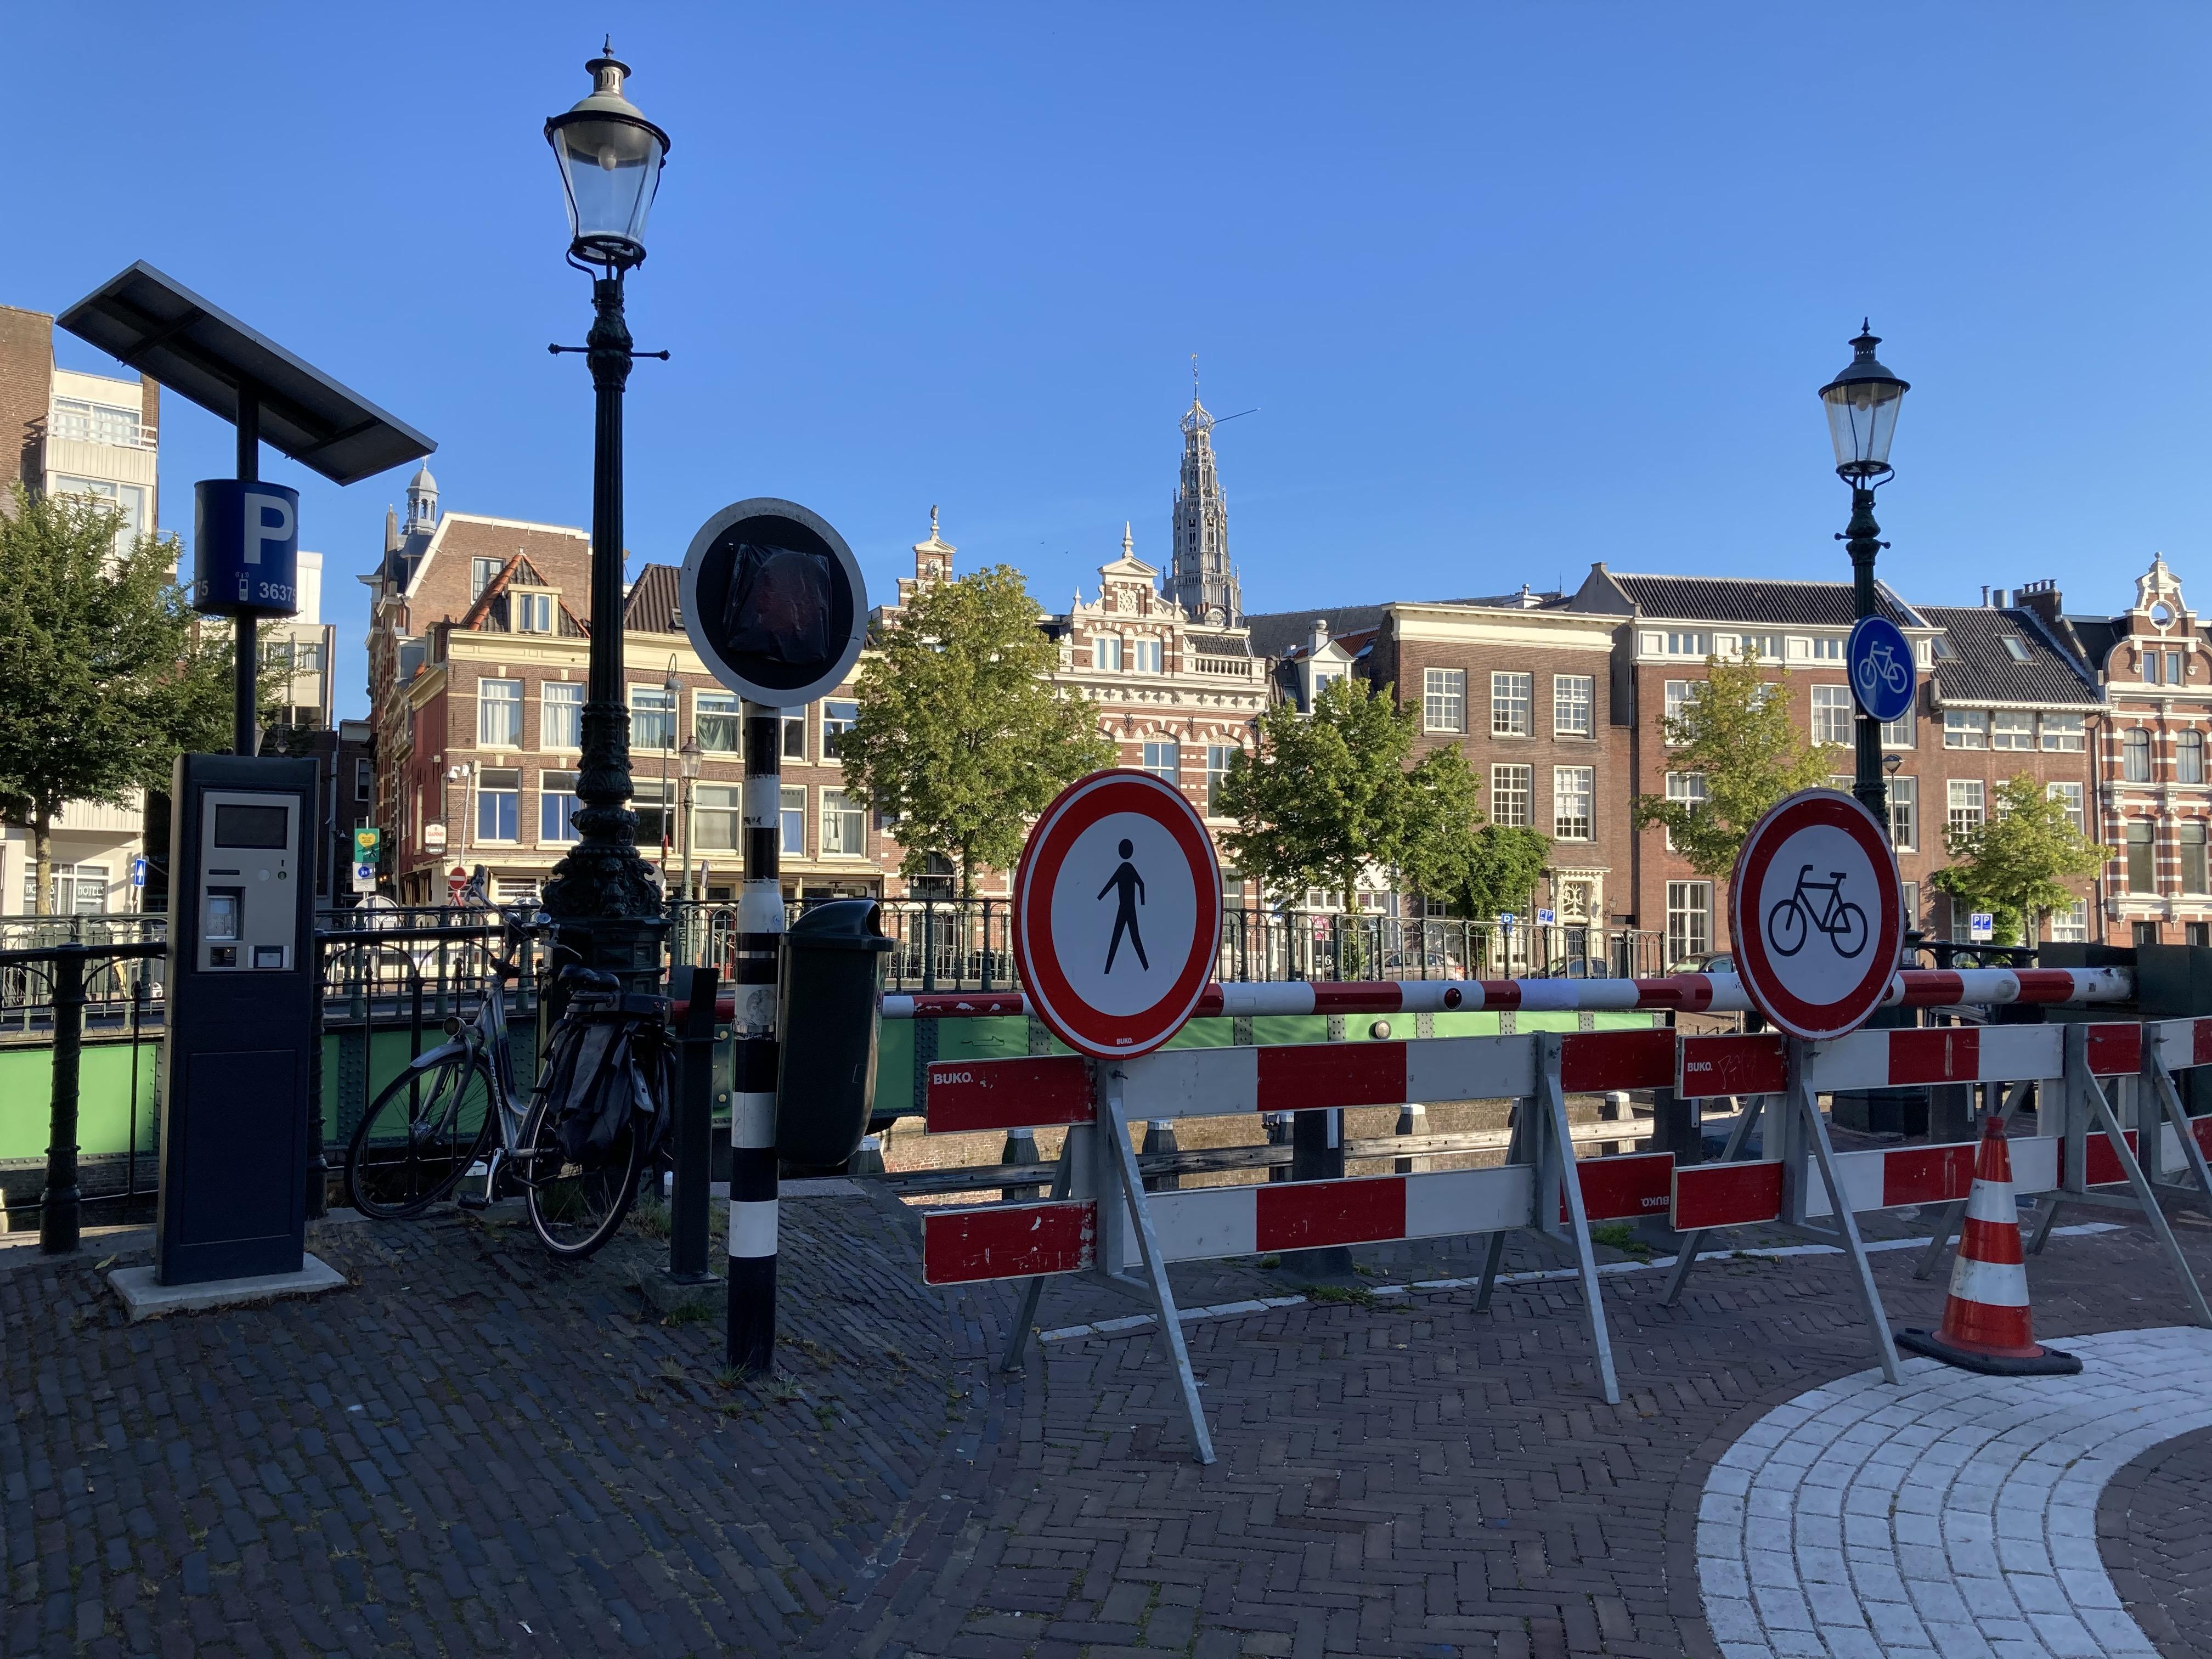 Melkbrug in Haarlem gaat niet meer open (of dicht): overlast voor fietsers en voetgangers [update]